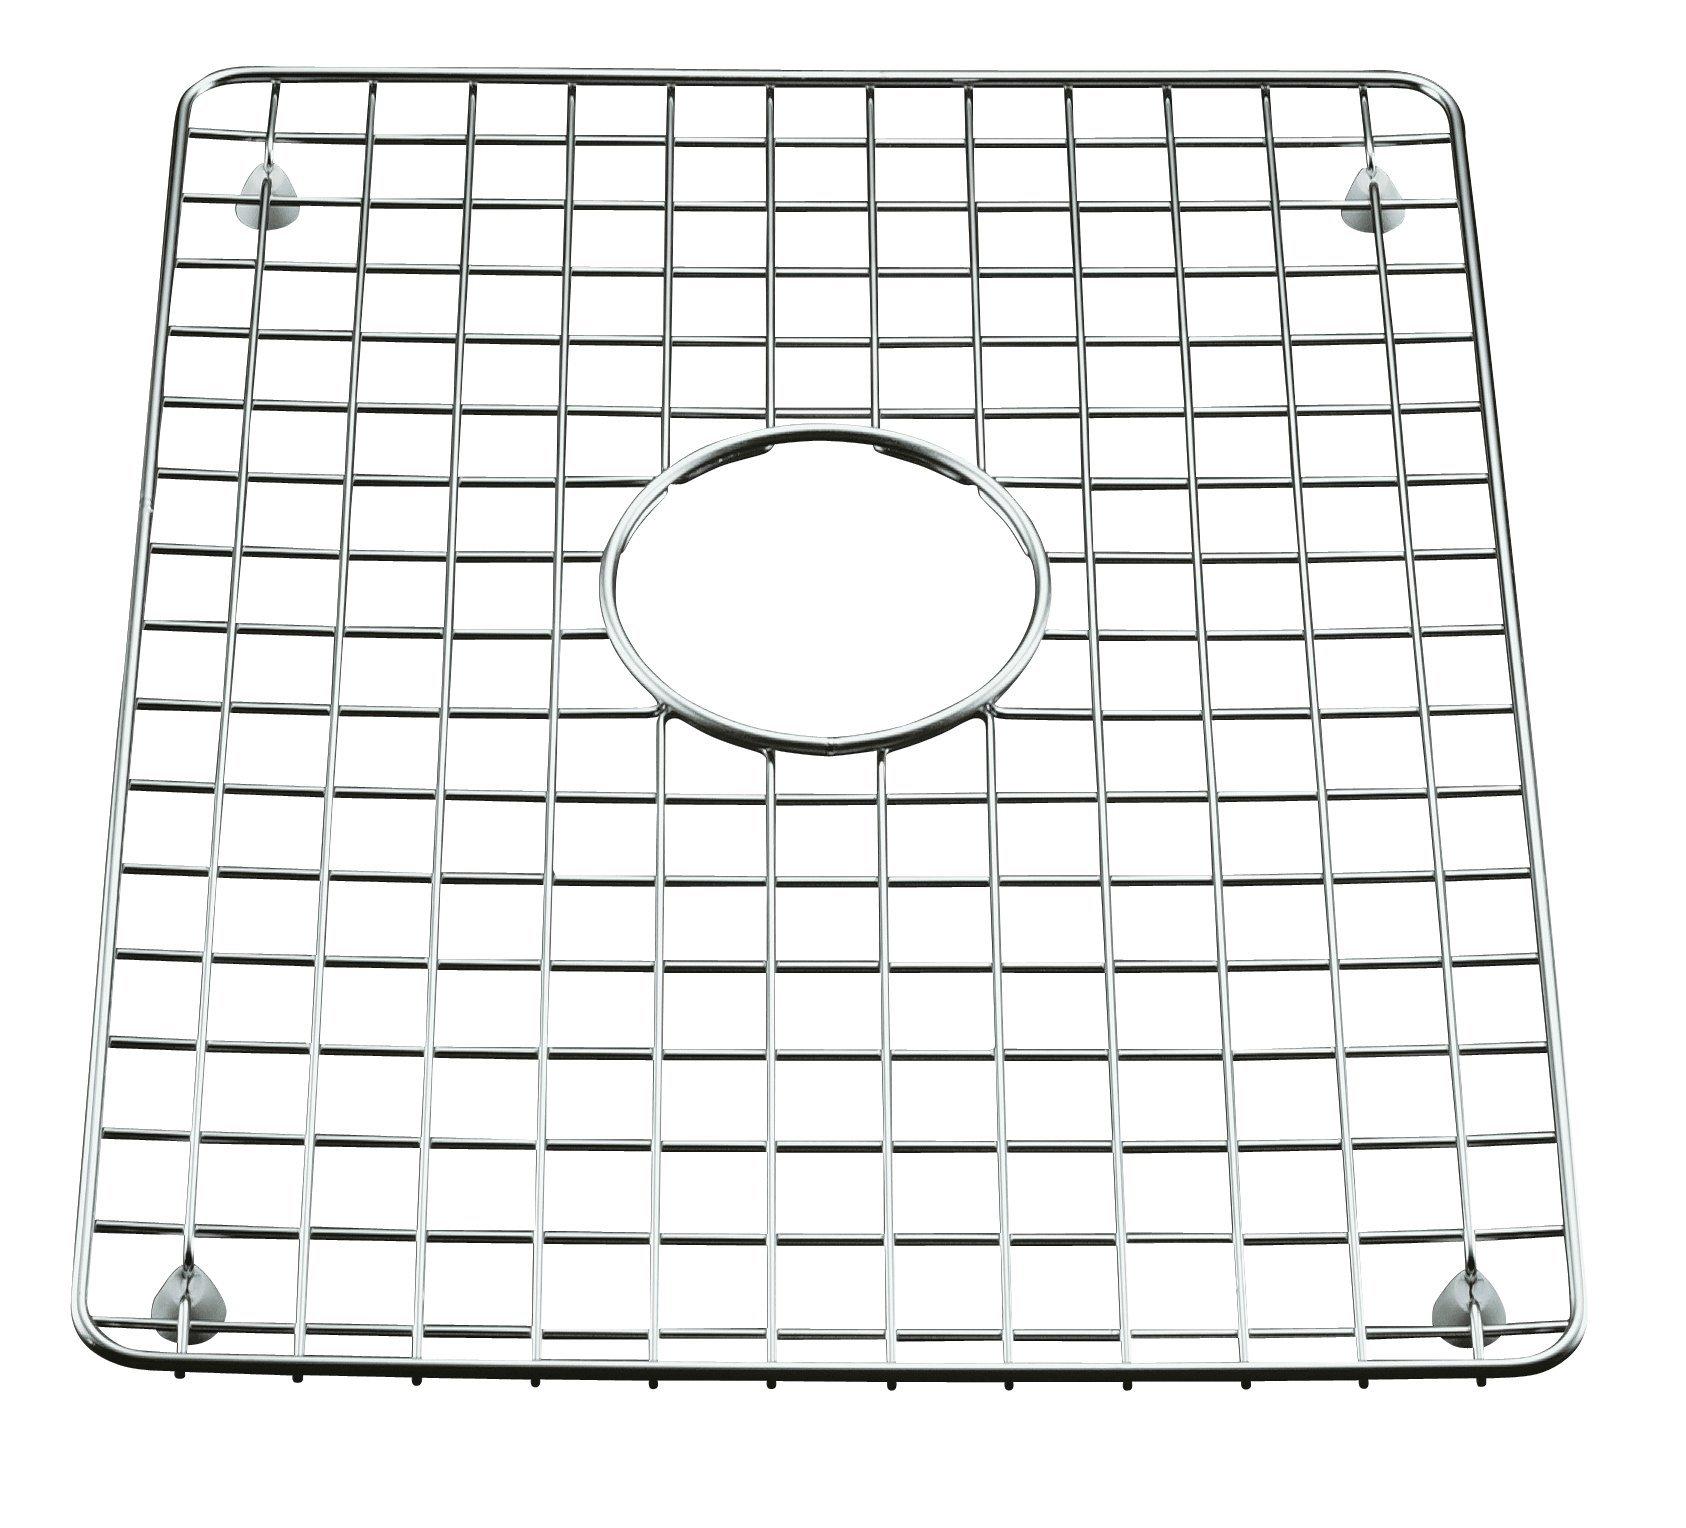 KOHLER K-6057-ST Clarity Bottom Basin Rack, Stainless Steel